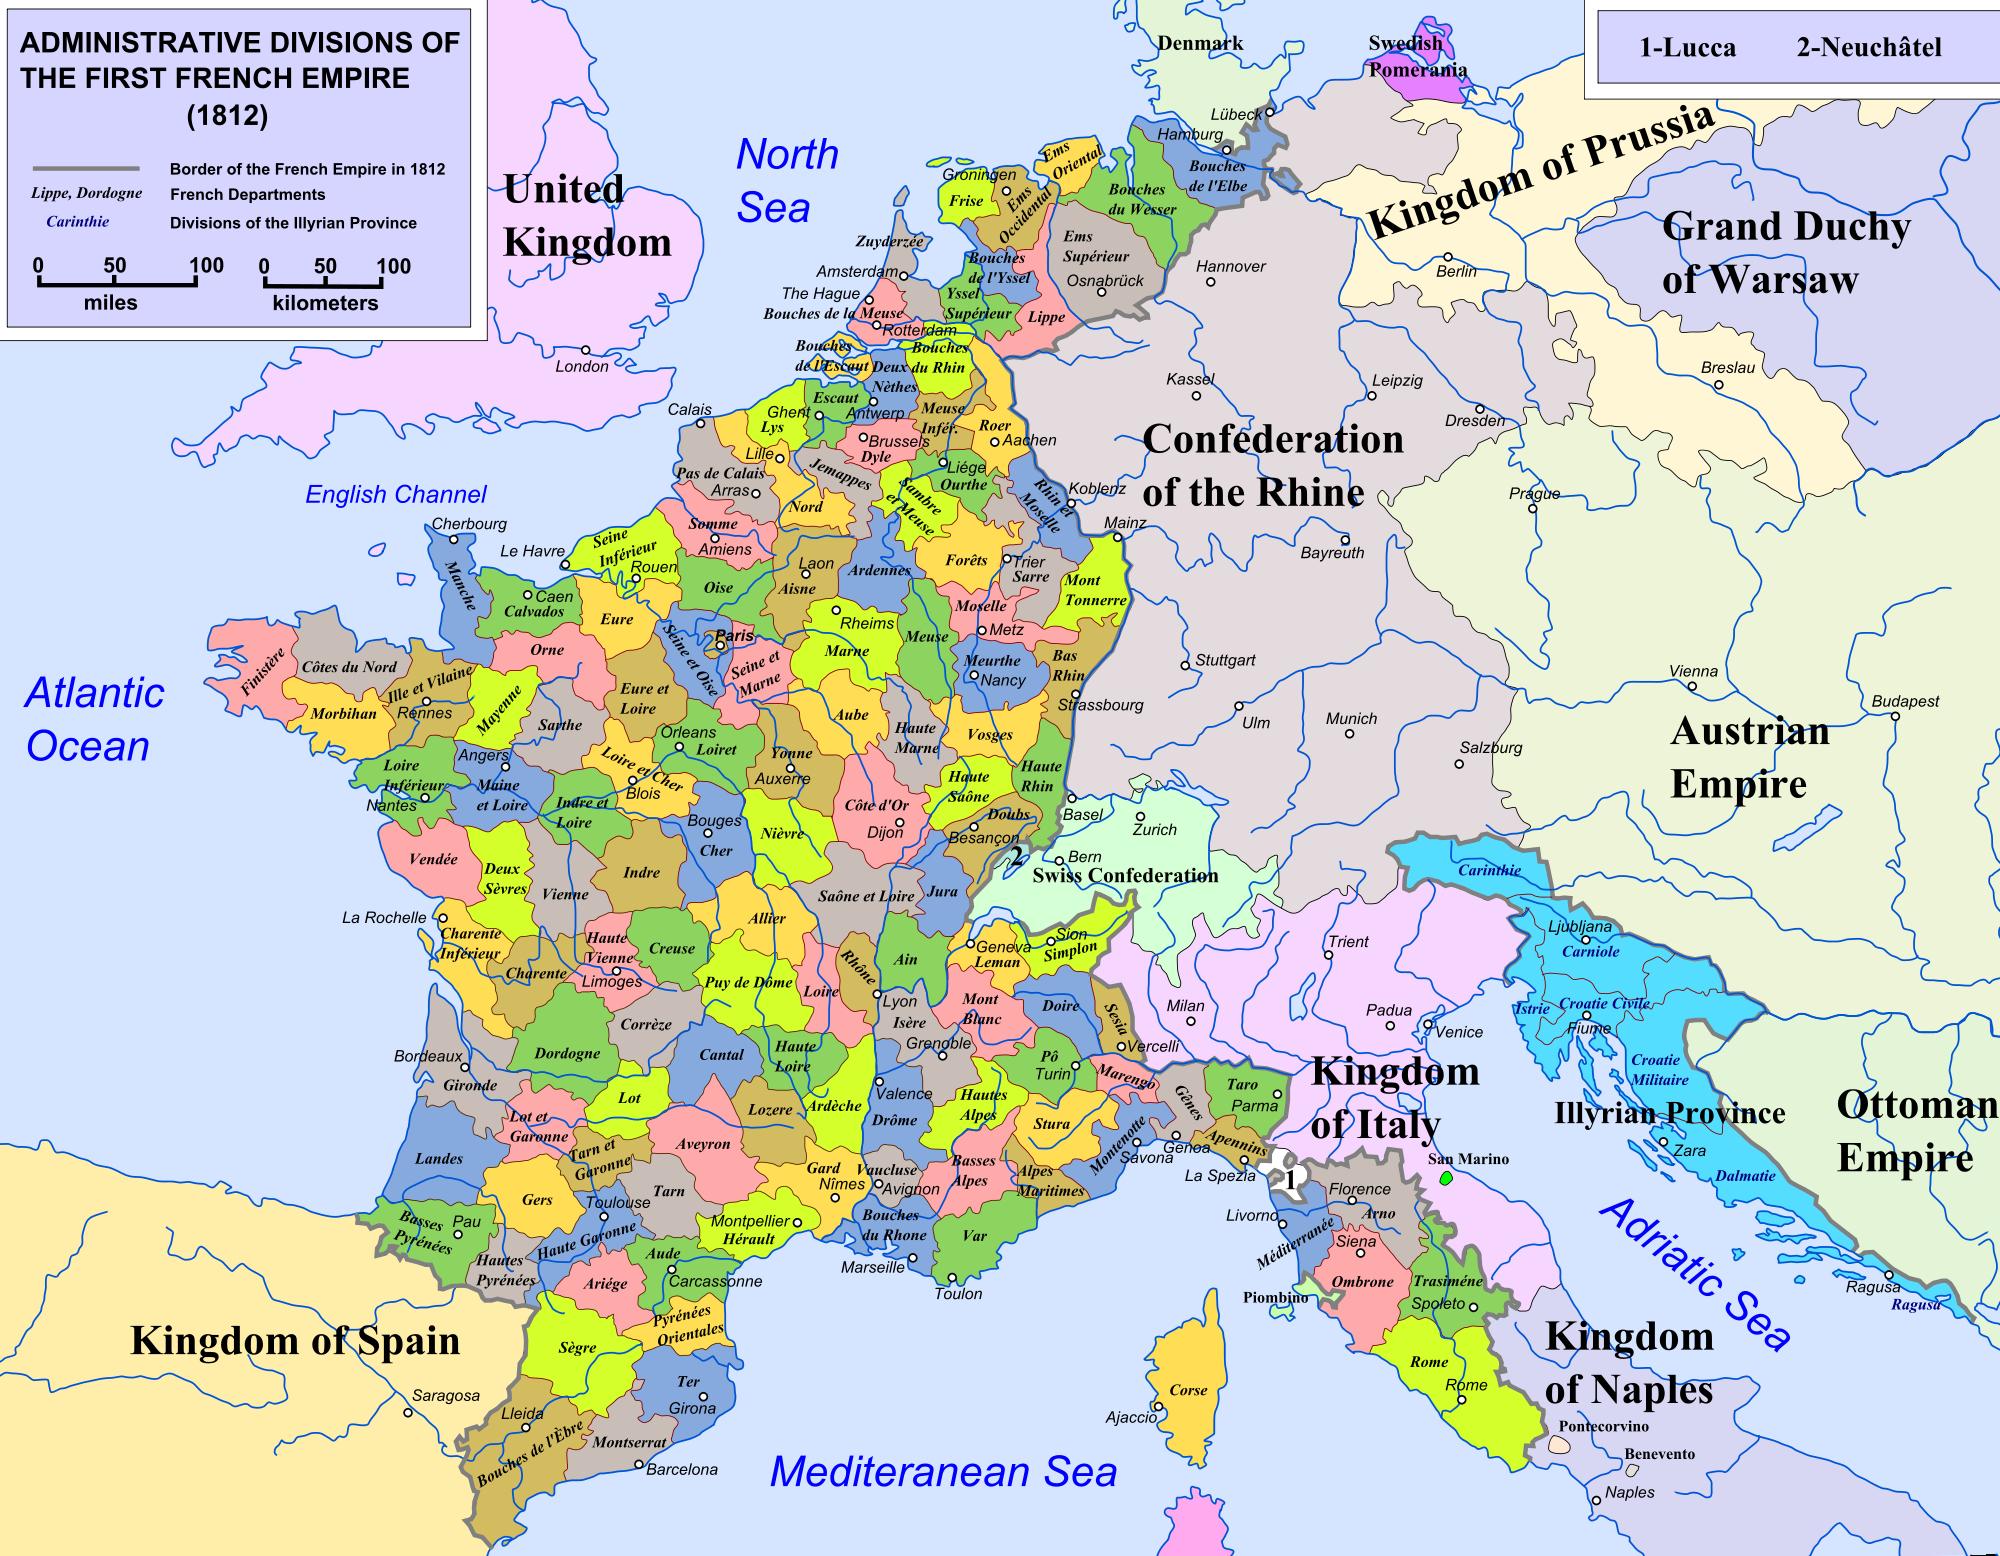 Napoleon France | De France Tweet Imprimer Cette Carte dedans Carte De France Des Départements